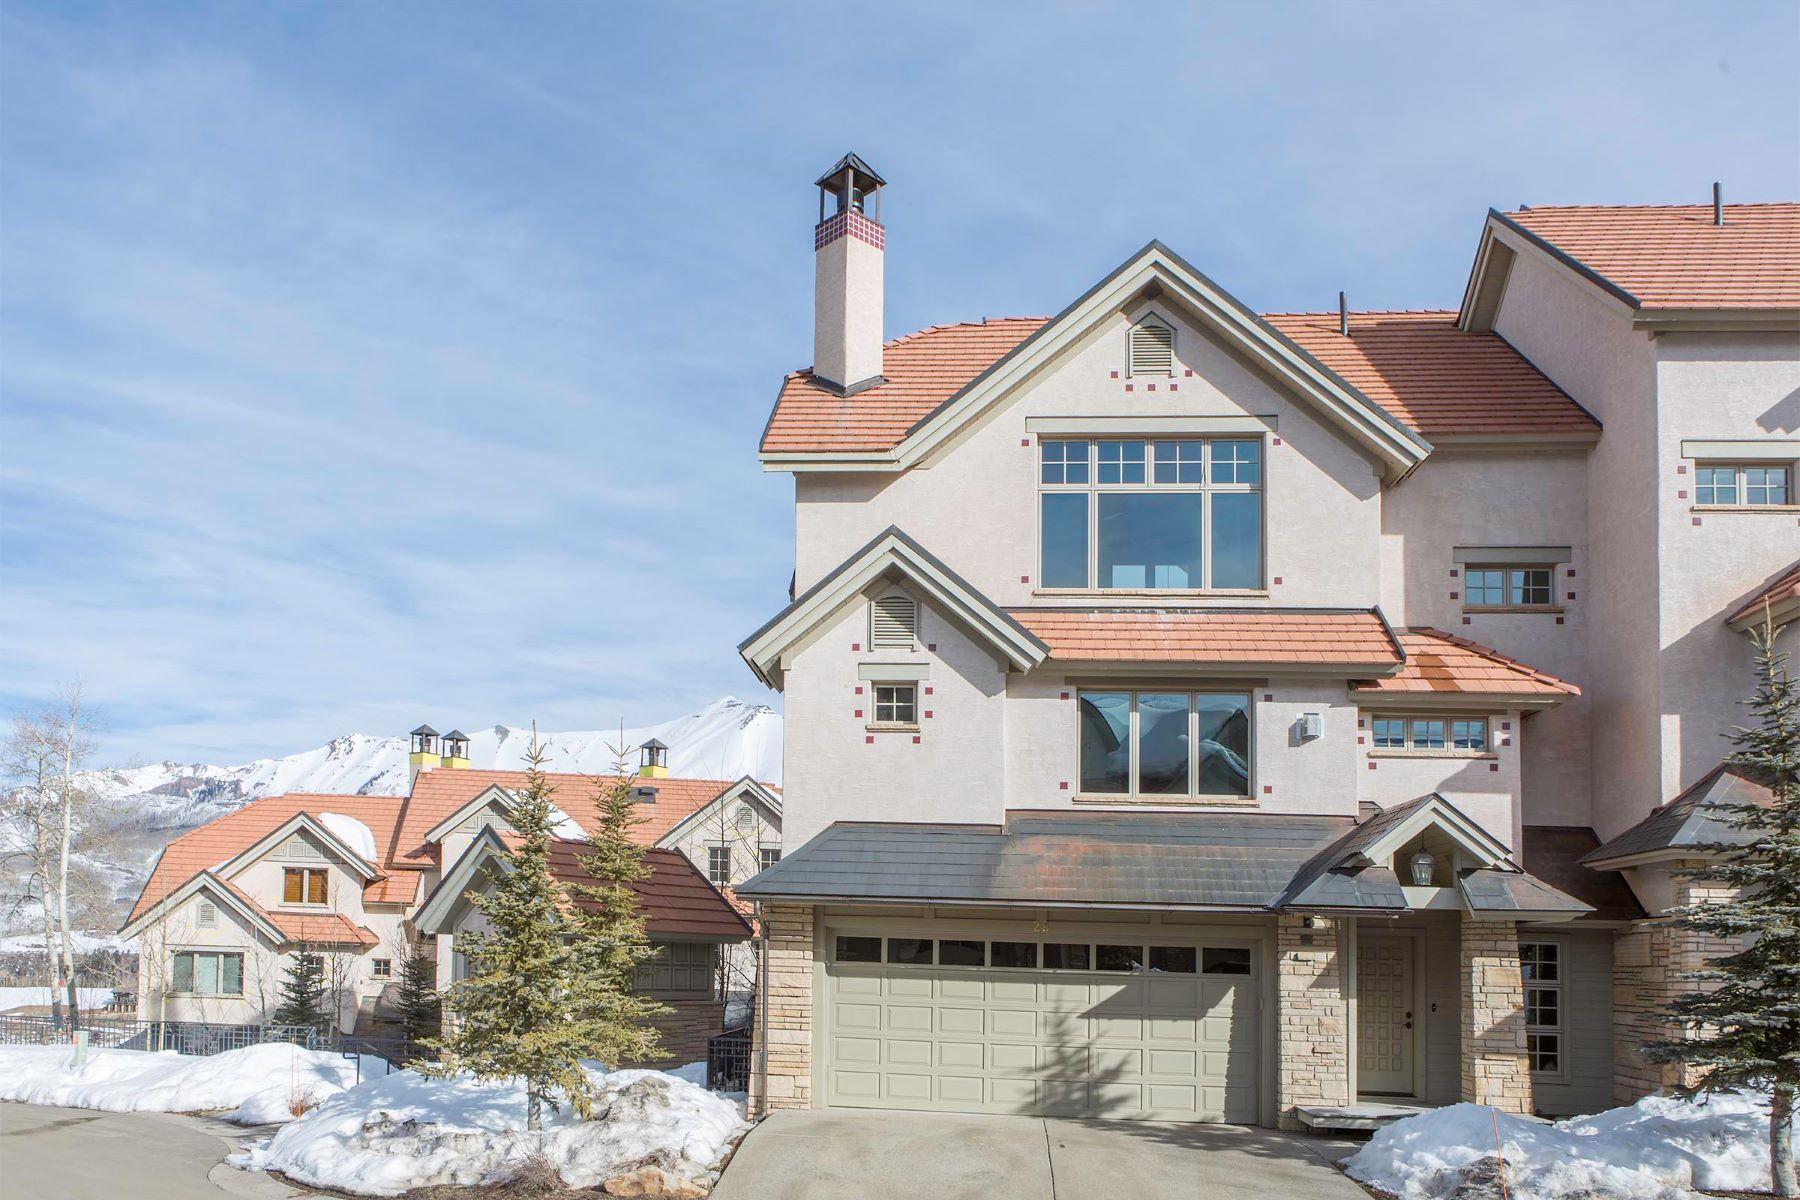 Condominium for Sale at Aspen Ridge 29 110 Aspen Ridge Drive, Unit 29 Telluride, Colorado, 81435 United States